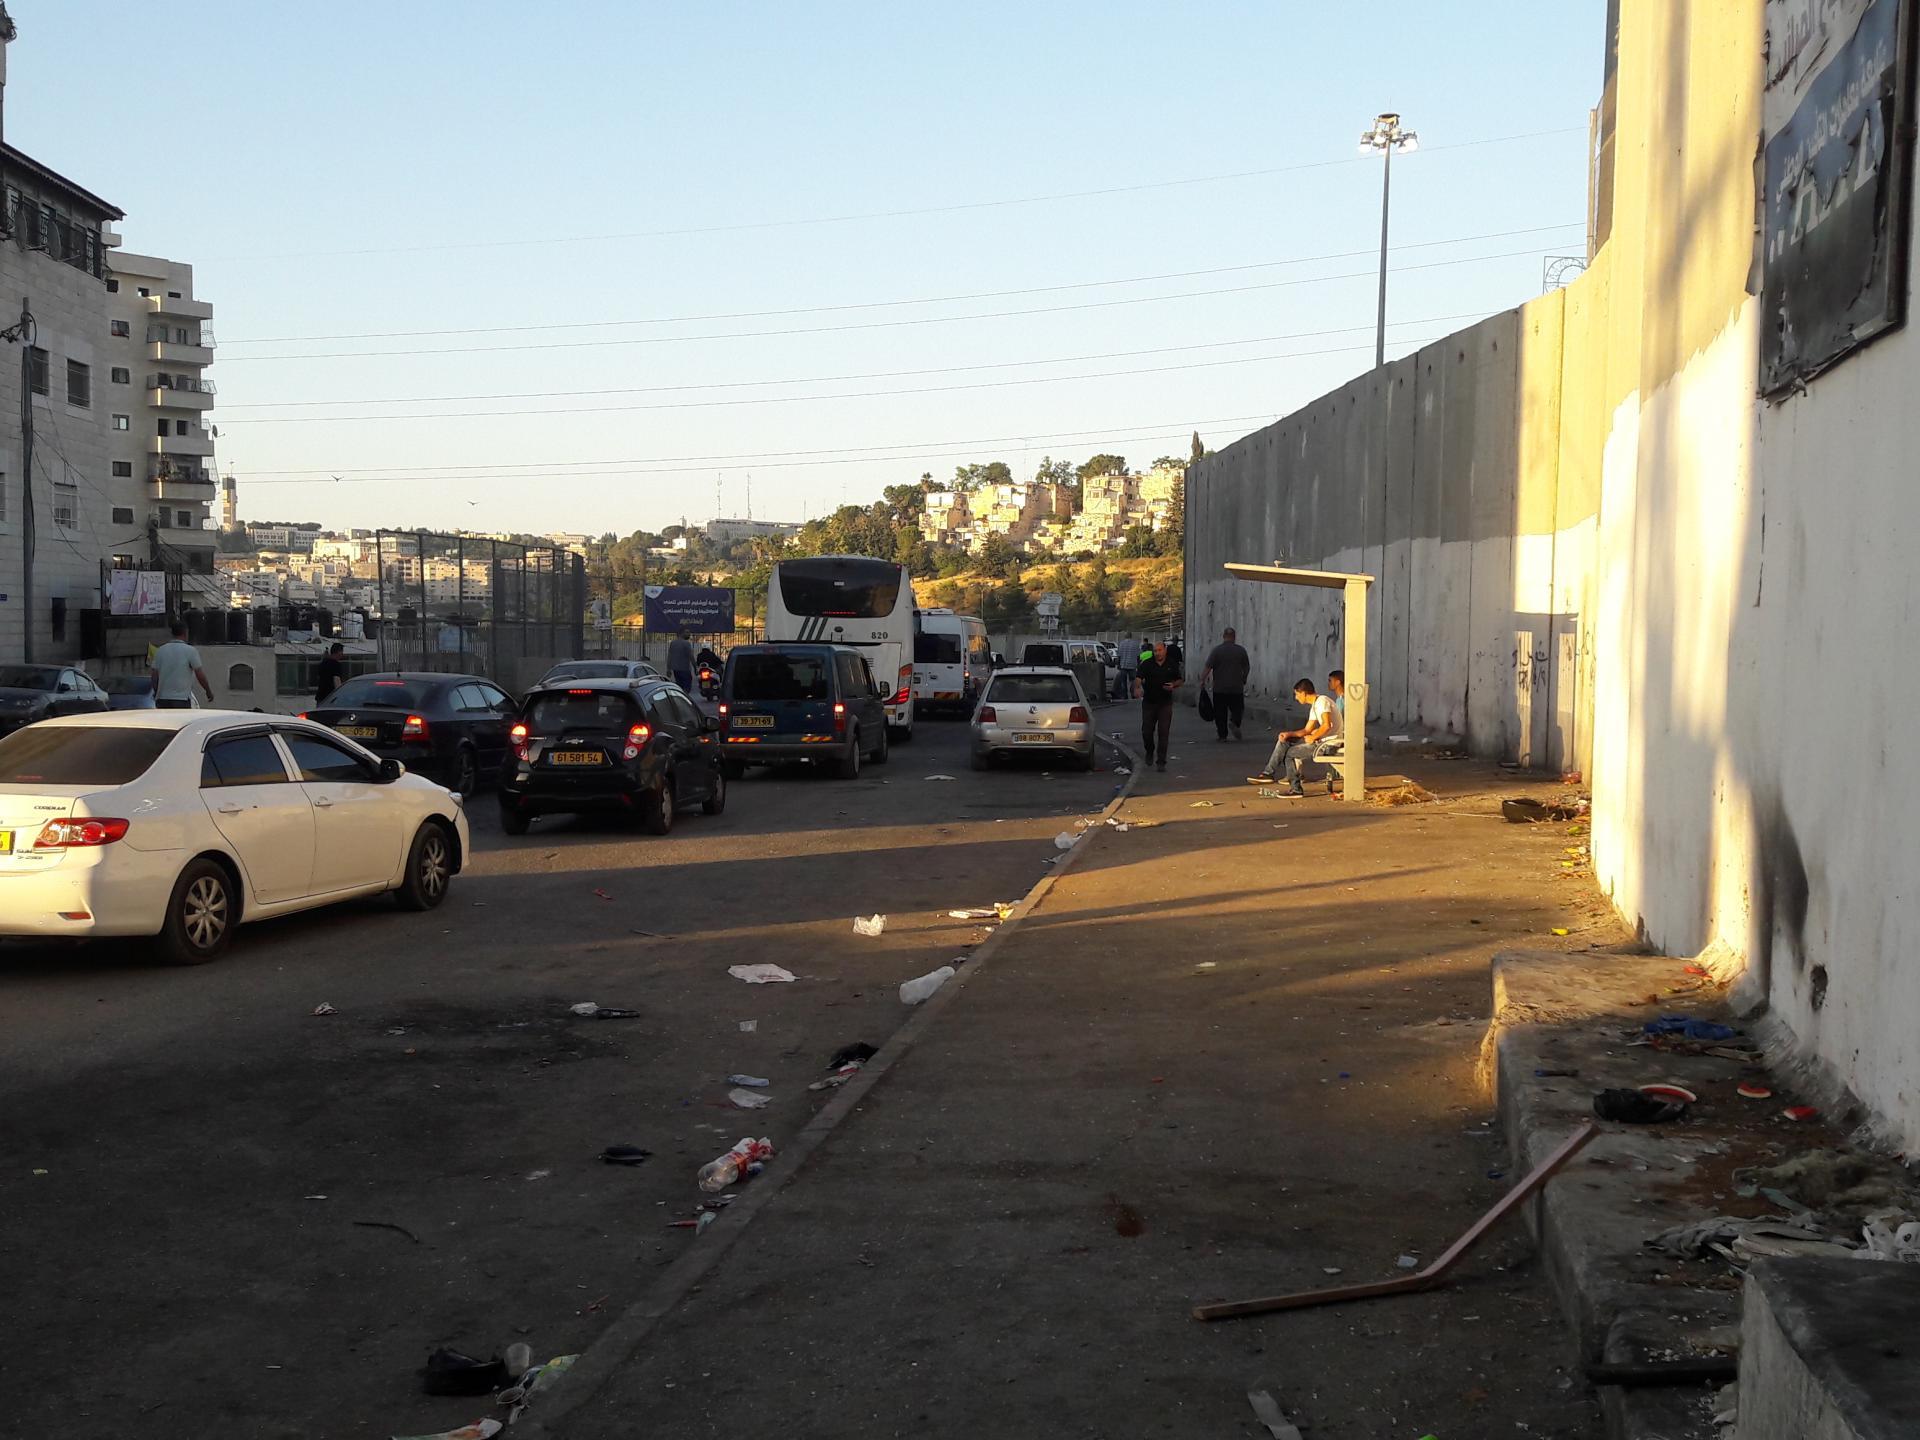 מחנה הפליטים שועפאט, מבט מהמחנה לעבר המחסום, מימין גדר ההפרדה. באופק רואים משמאל את המגדל של הר הצופים ולמרגלותיו עיסאוויה, ומימין את בתי צמרת הבירה במורדות הגבעה הצרפתית